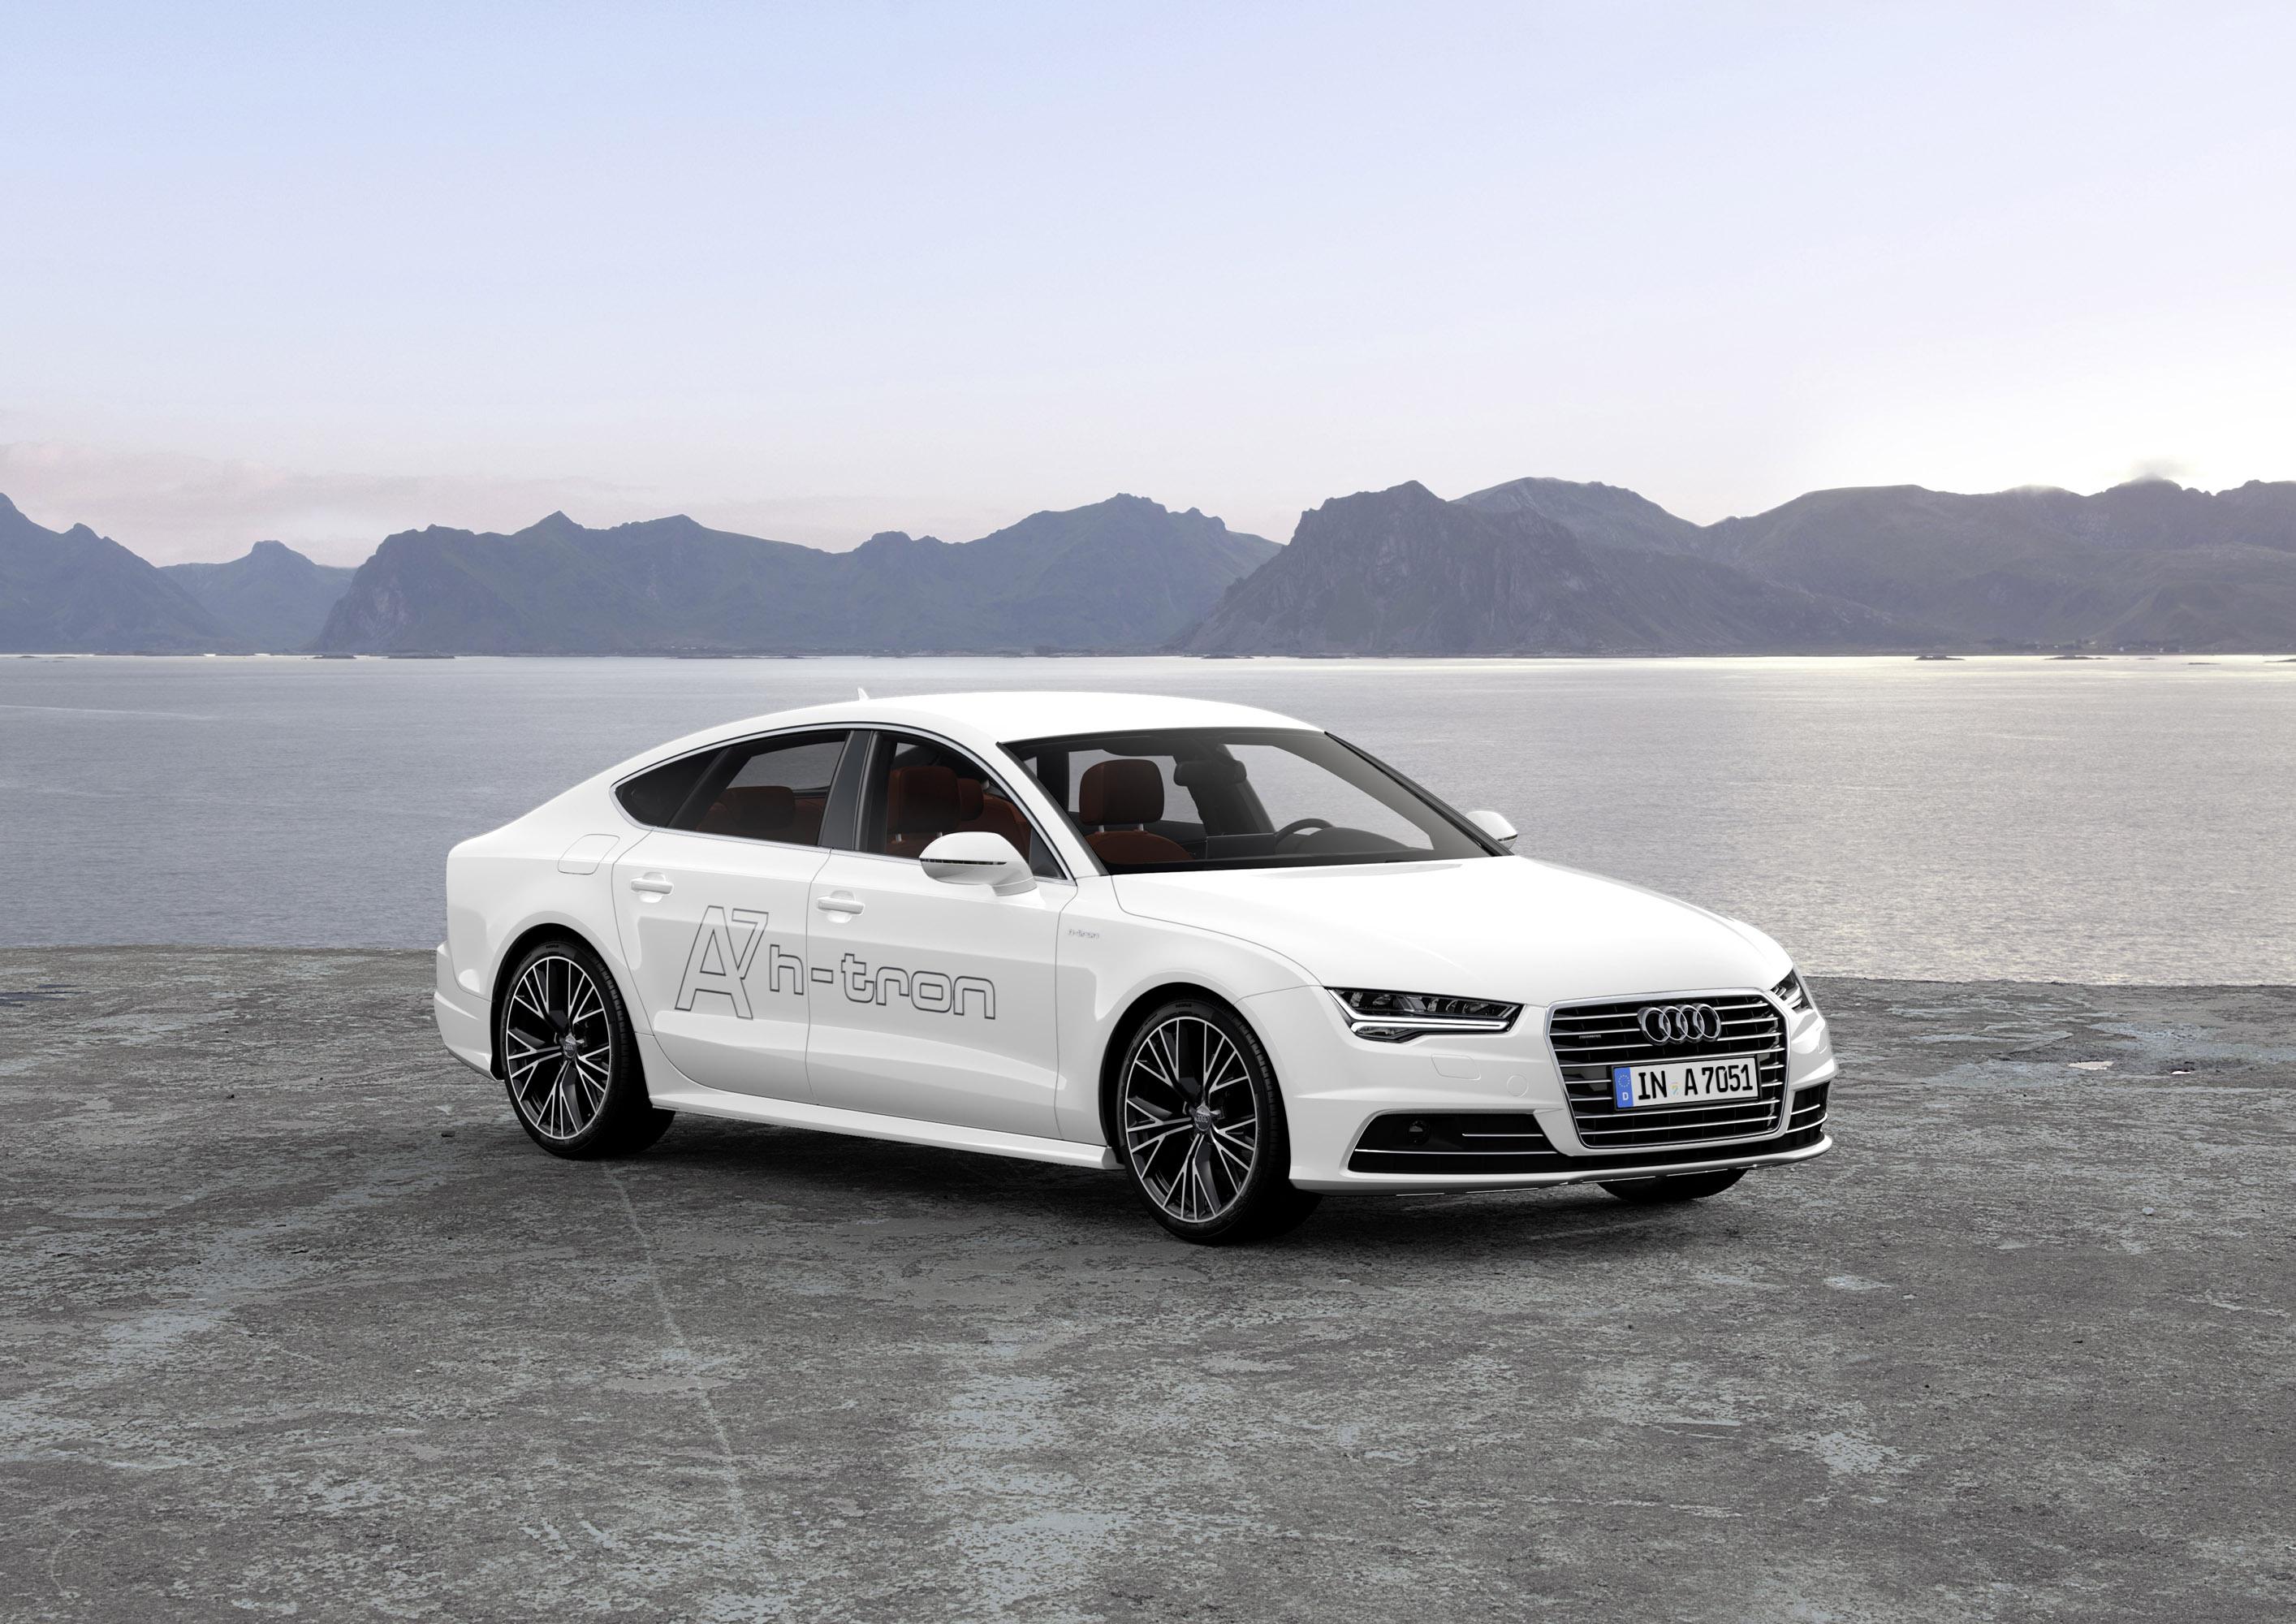 Audi A7 Sportback h-tron Quattro Concept photo #1